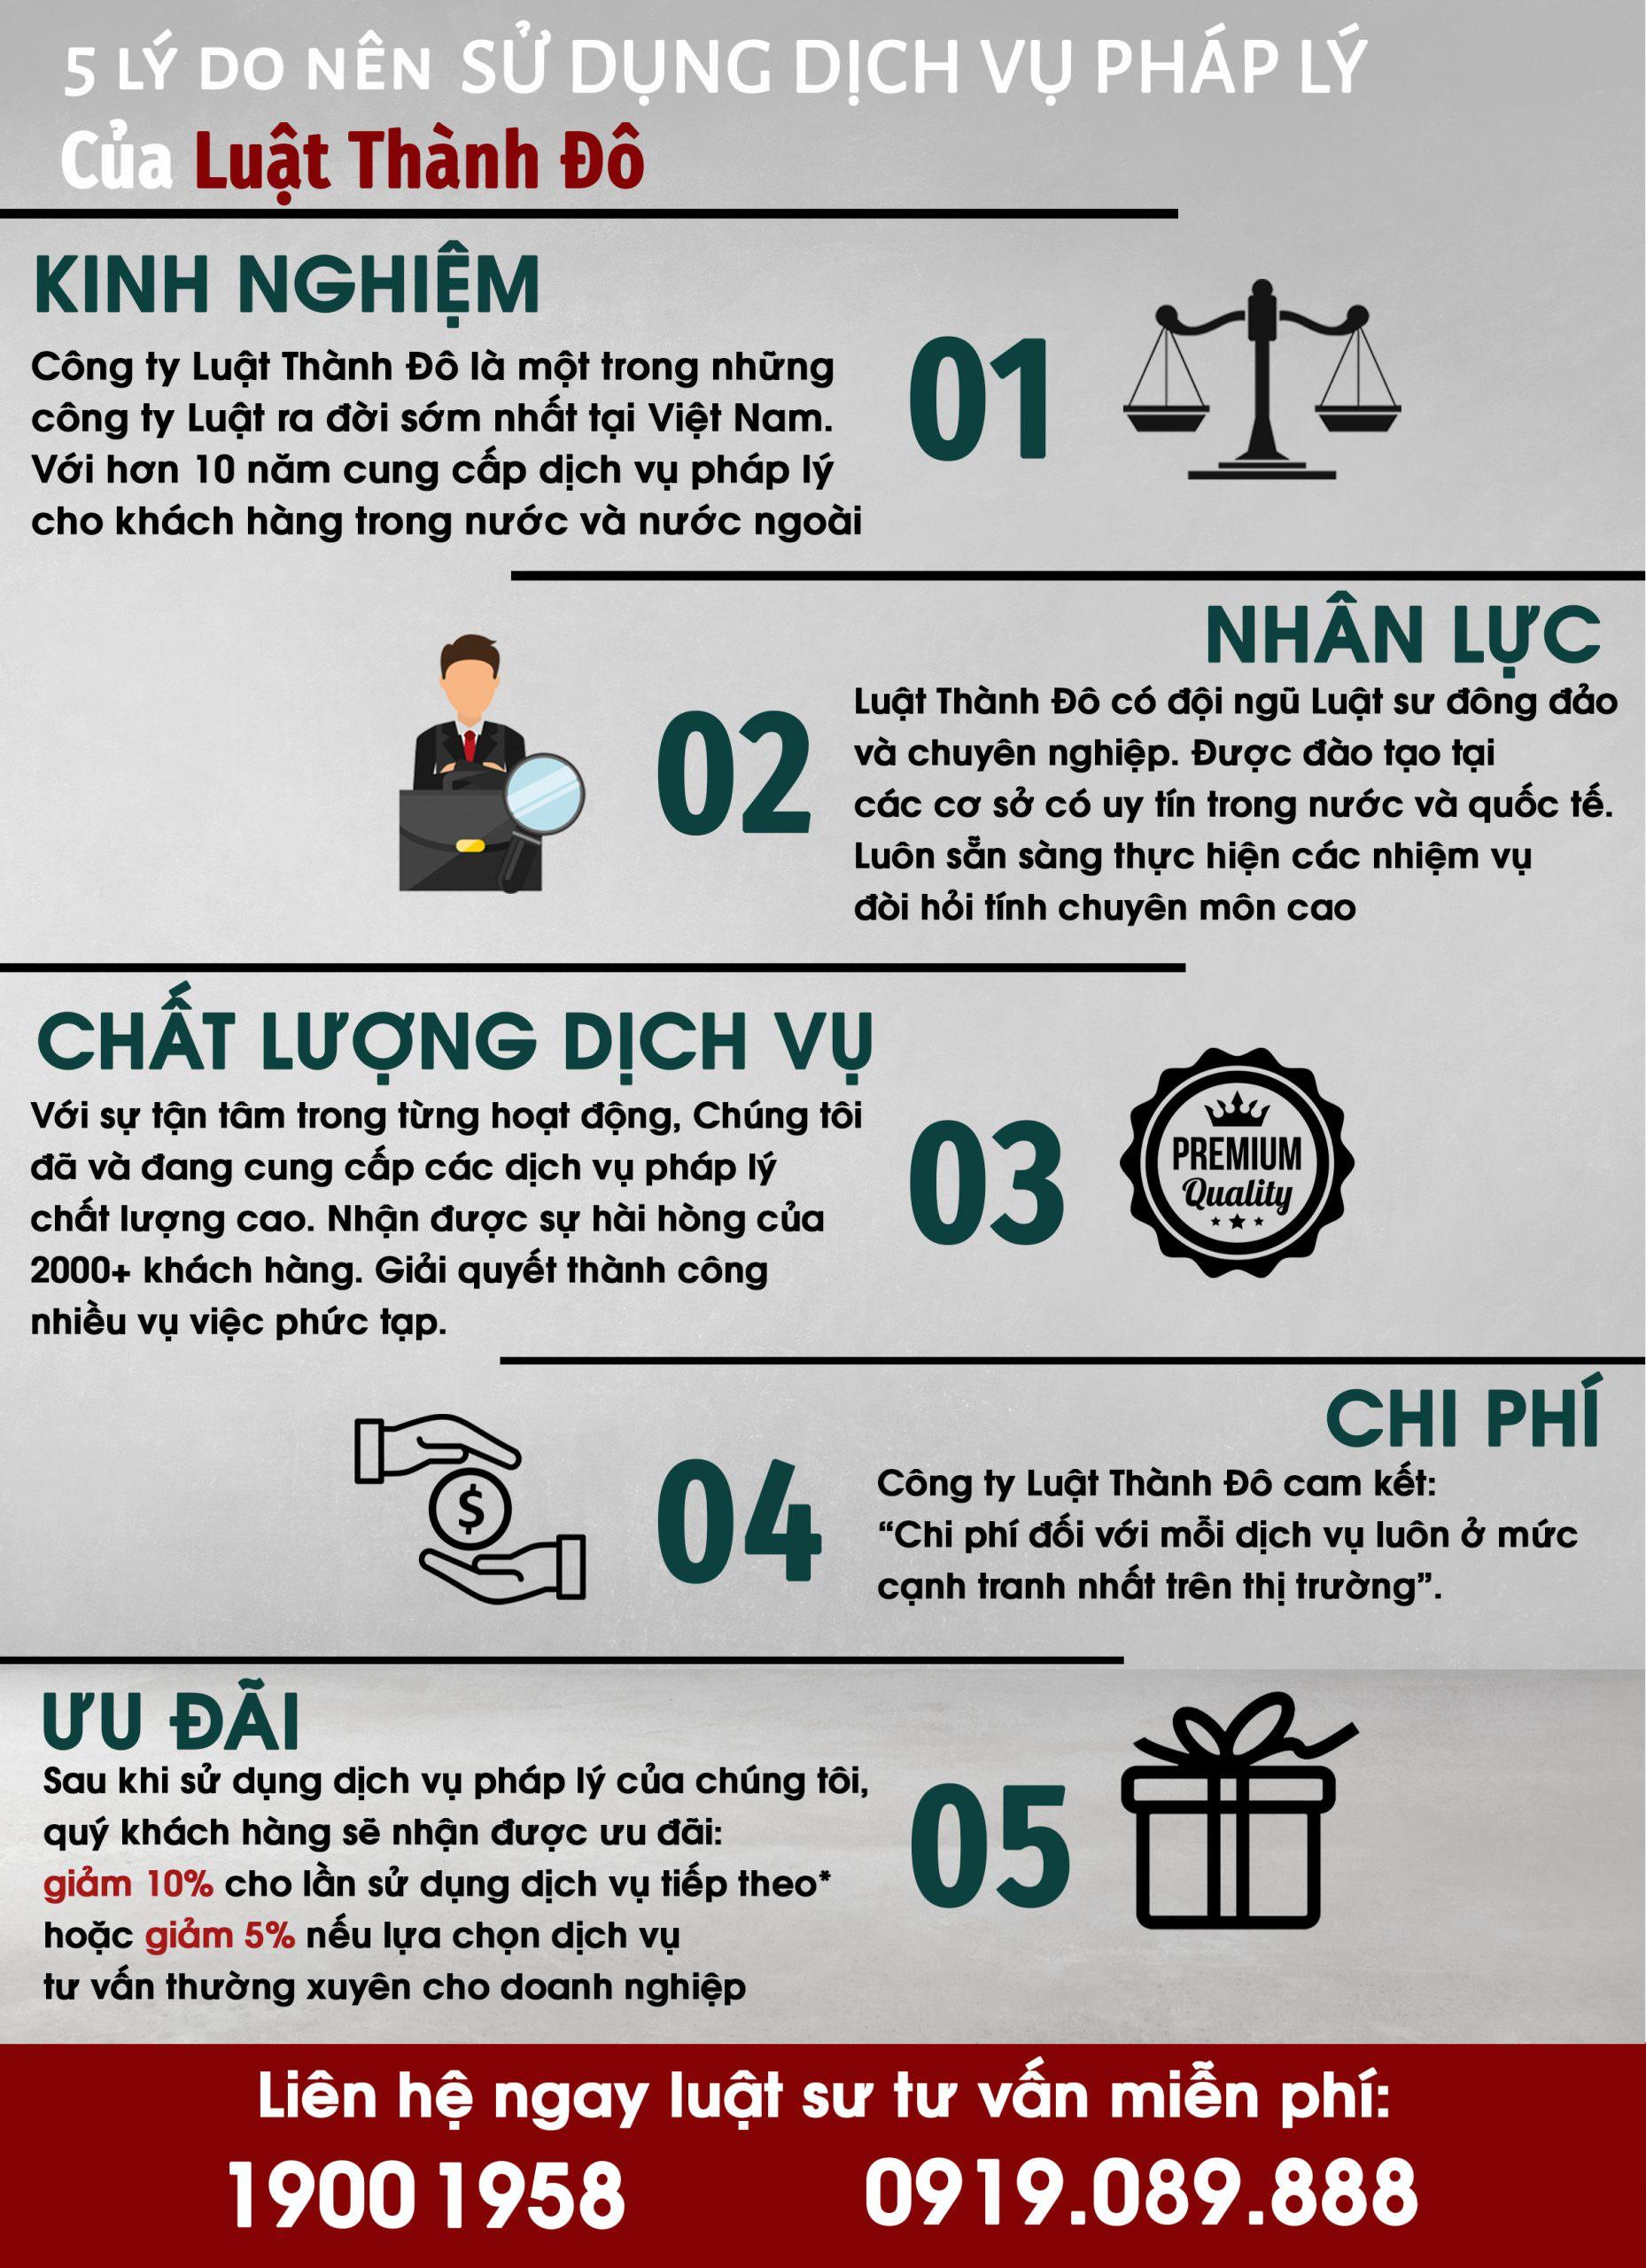 5 lý do nên dử dụng dịch vụ của luật thành đô